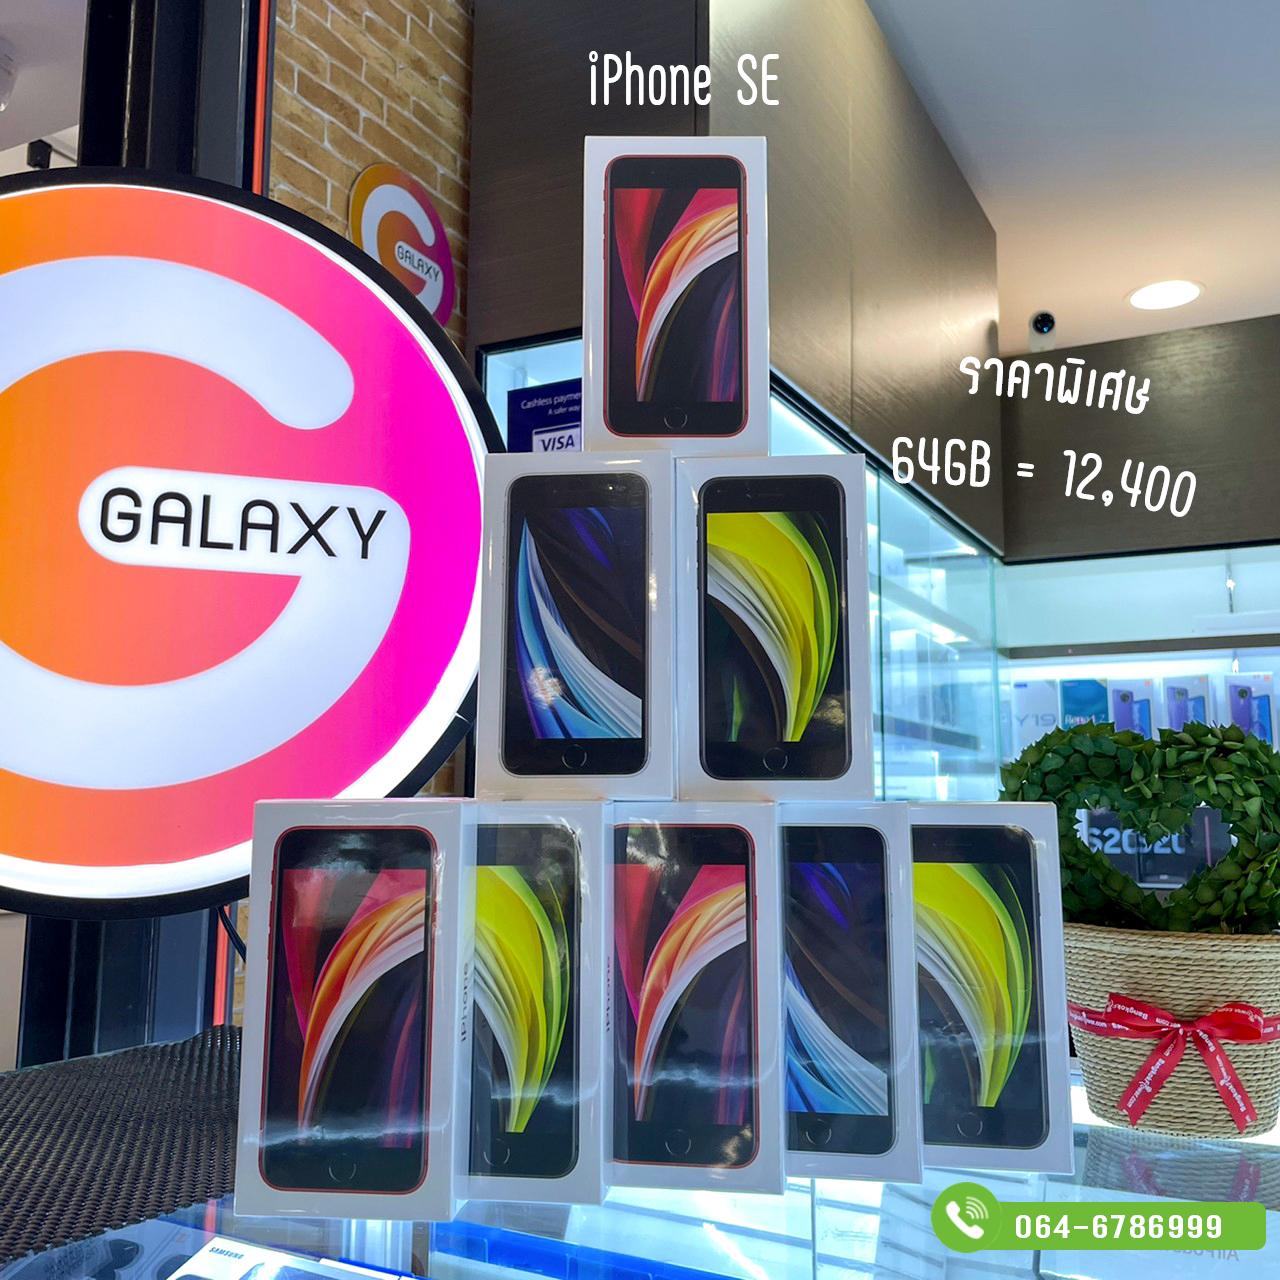 iPhone SE 64/128GB เครื่องศูนย์ไทย ประกันศูนย์ไทย